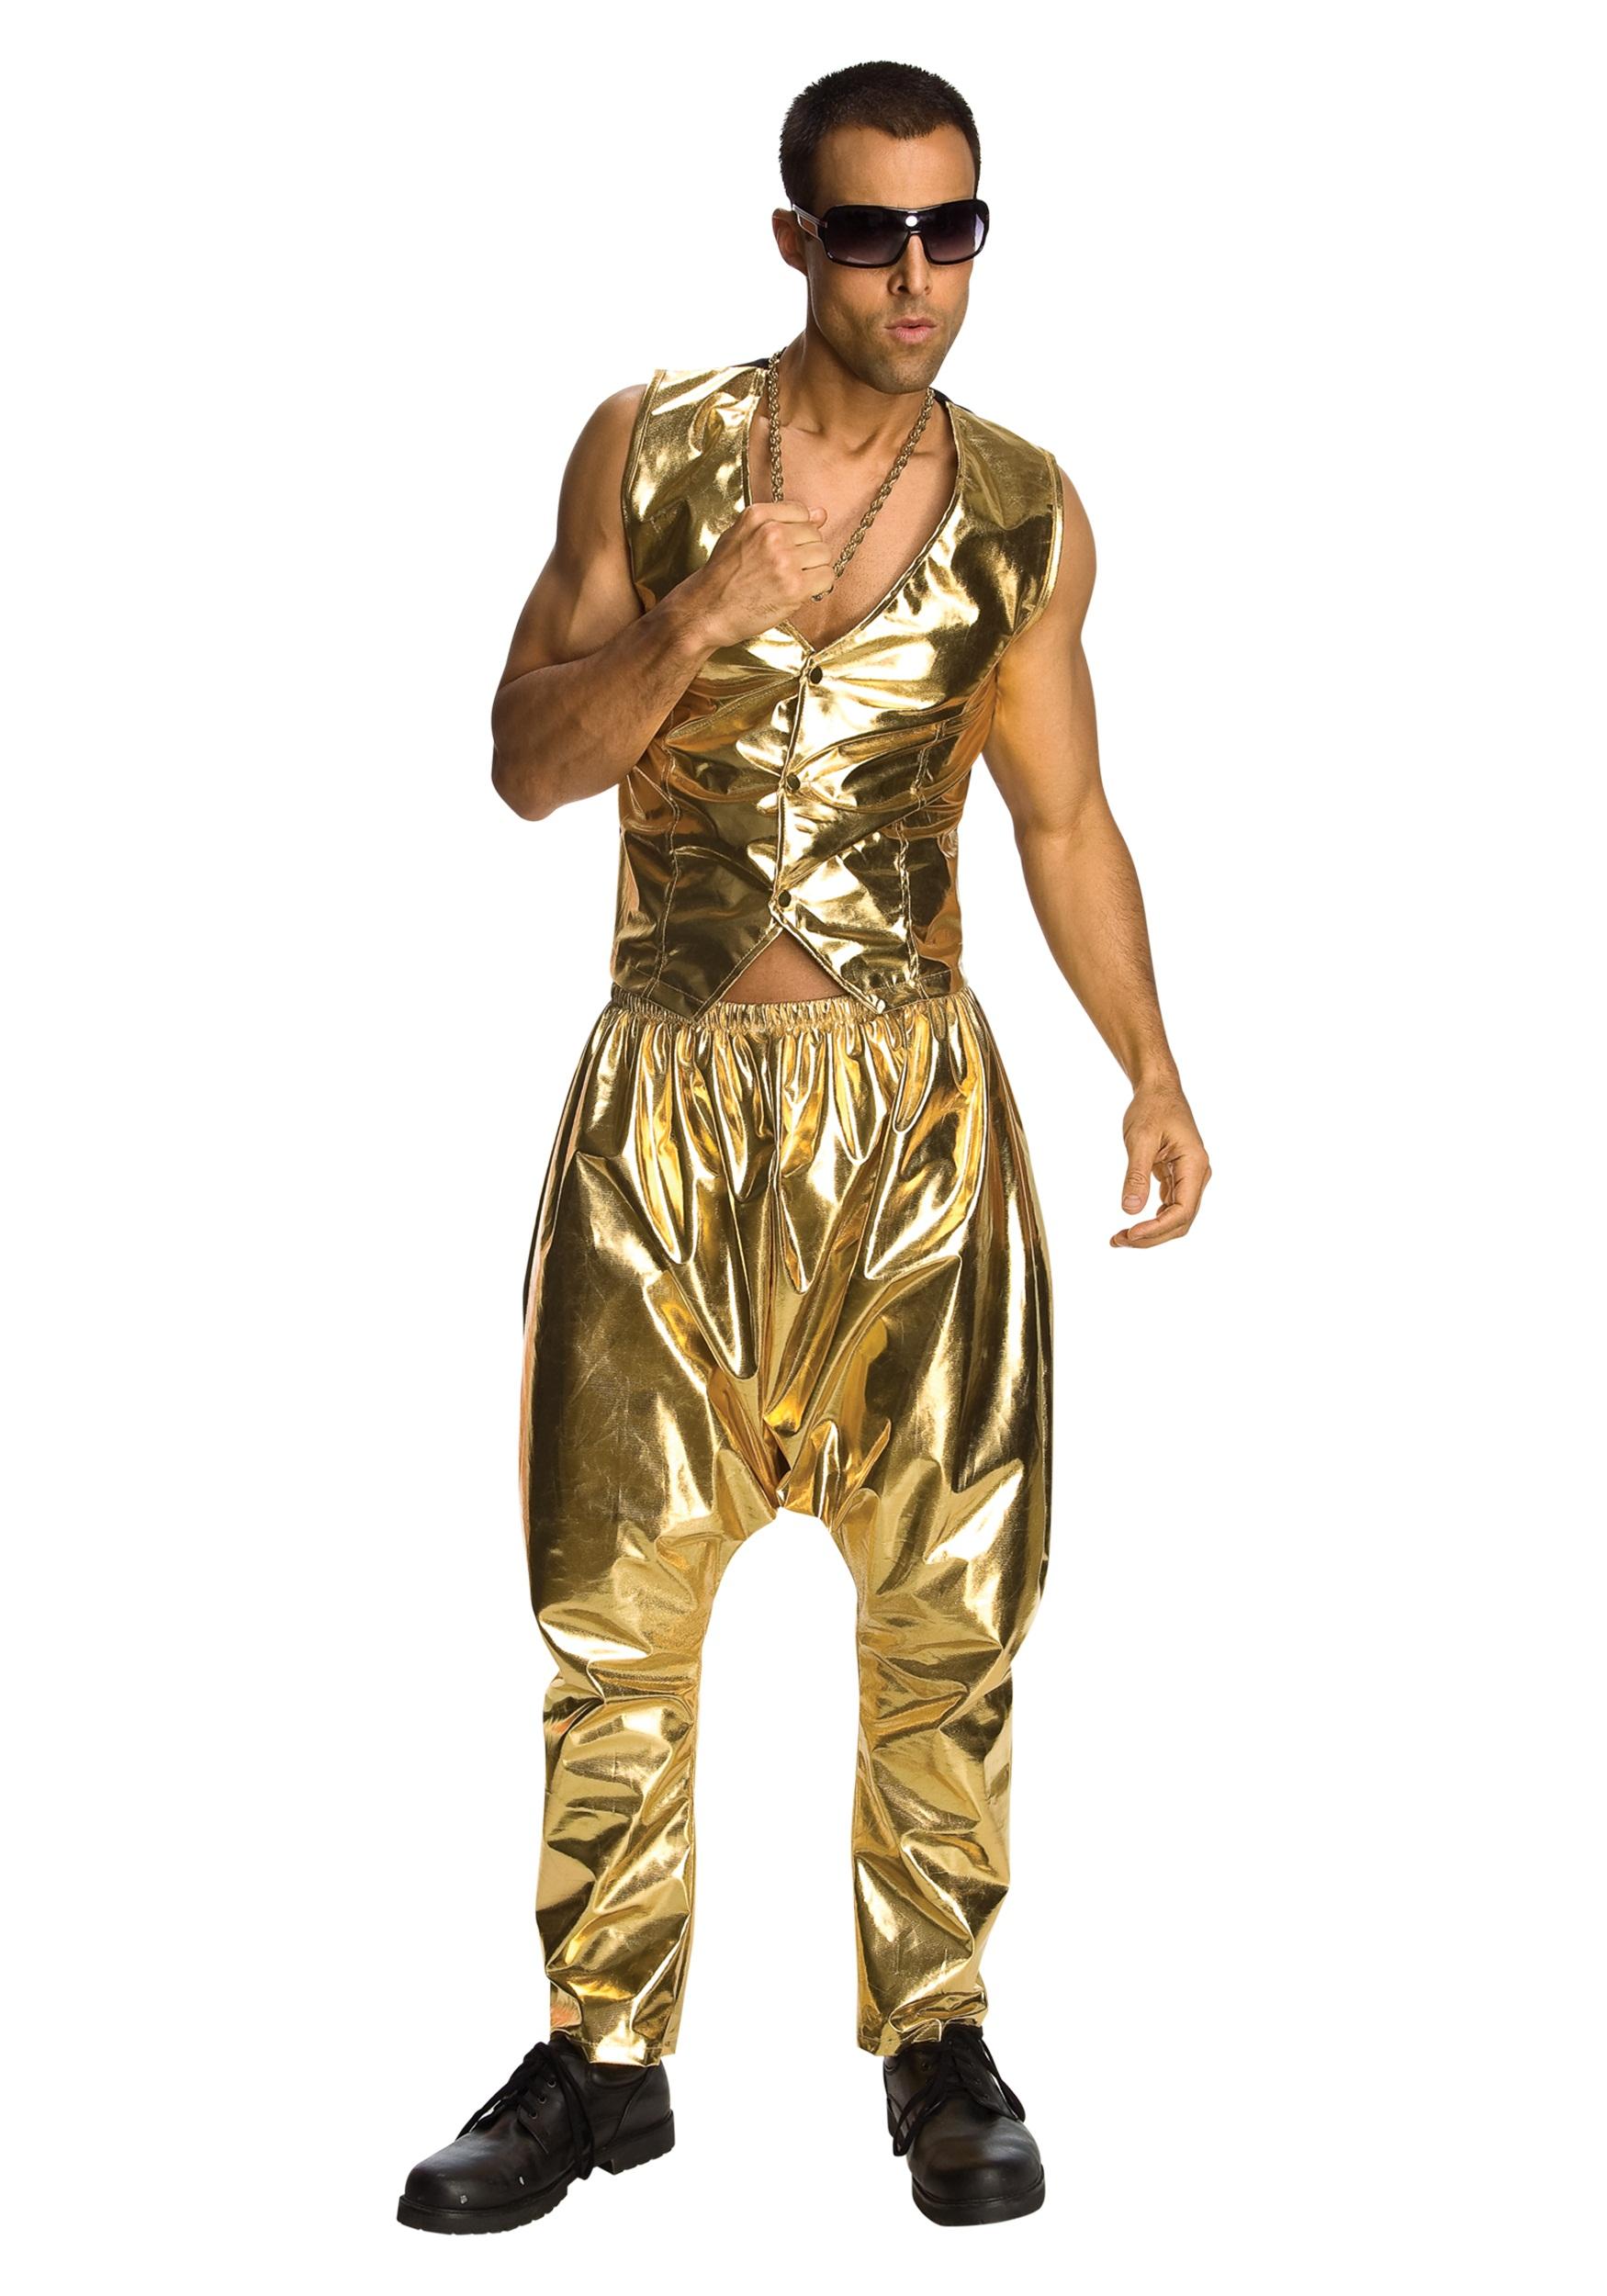 Gold MC Hammer Pants For men